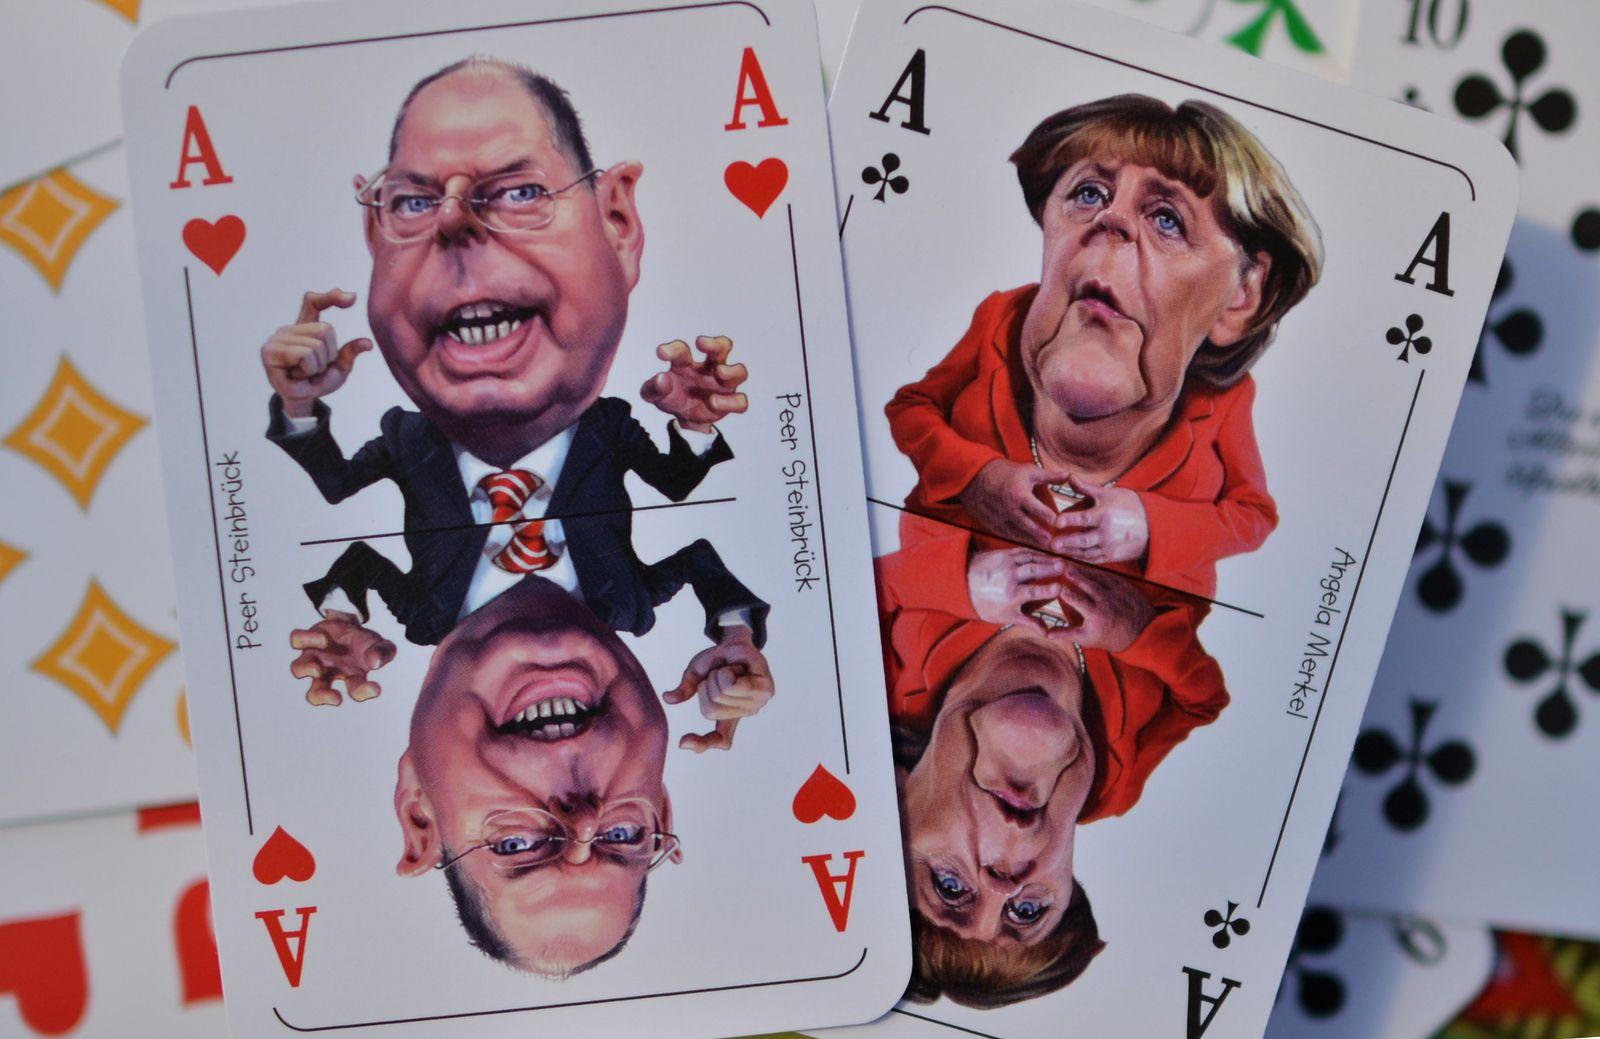 Politiker Spielkarten